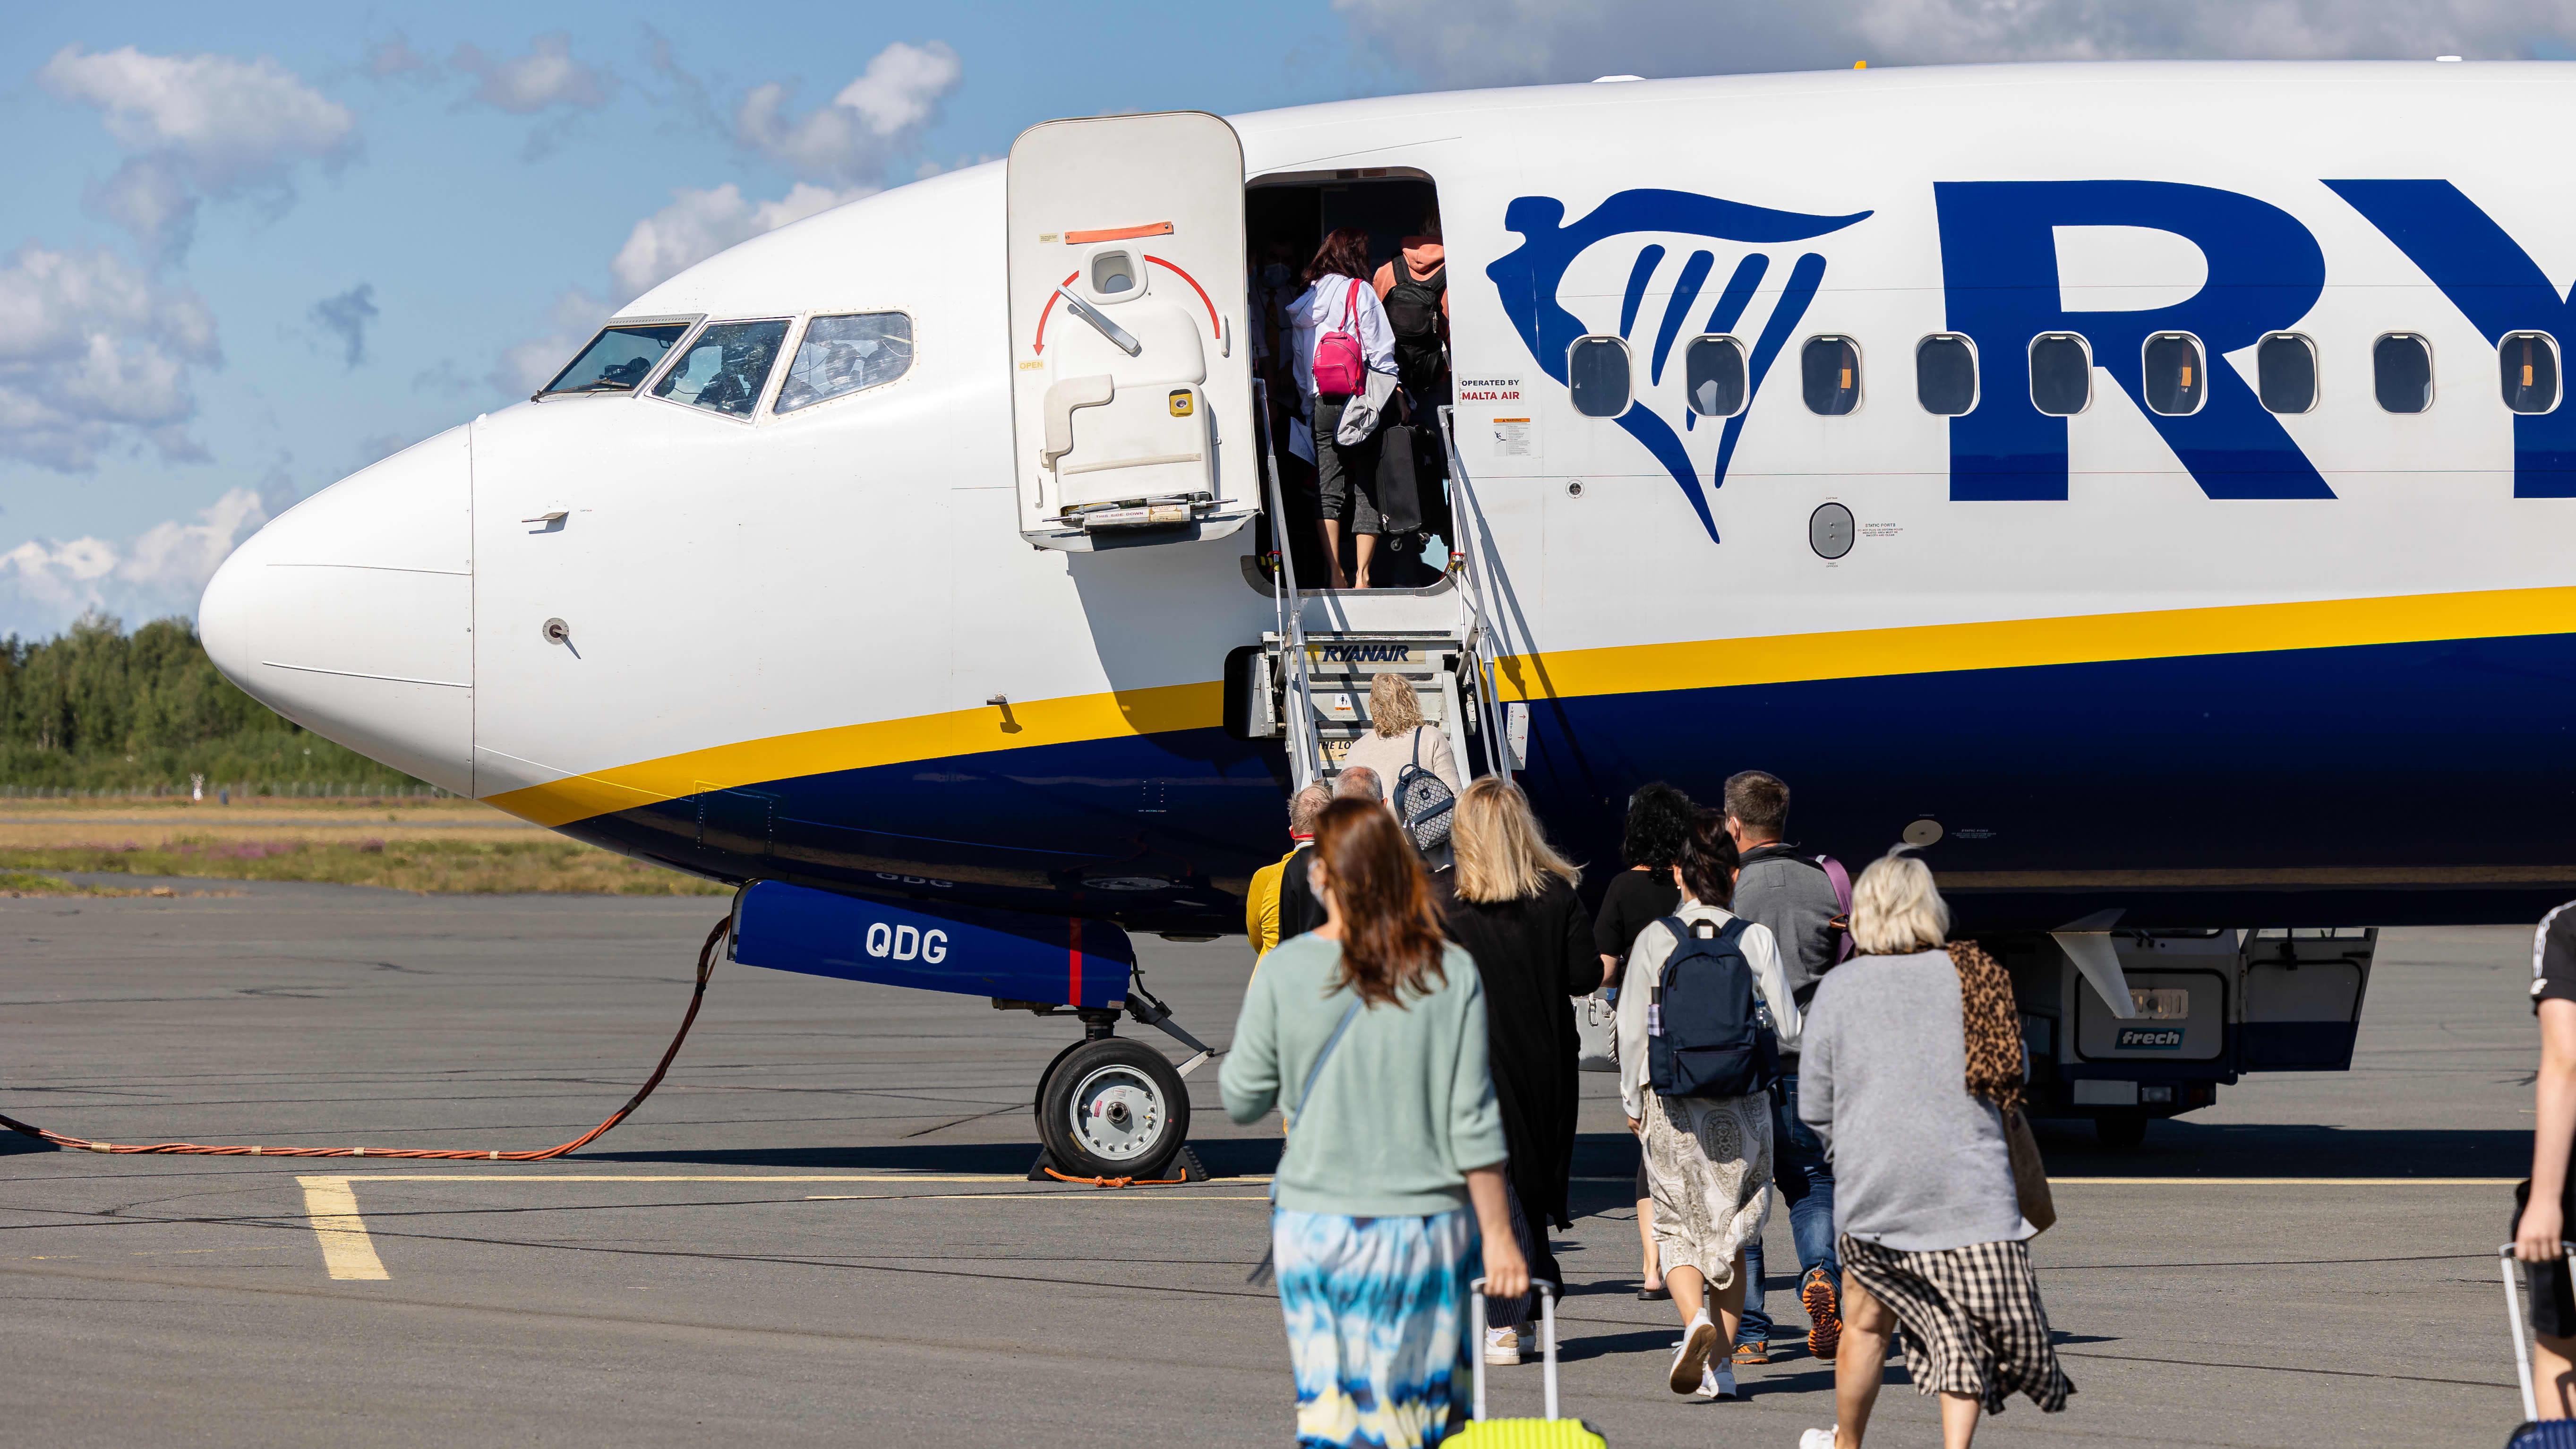 Ryanairin konsernijohtaja Michael O'Leary ennakoi yhtiön lentojen palaavan koronapandemiaa edeltävälle tasolle talvella.